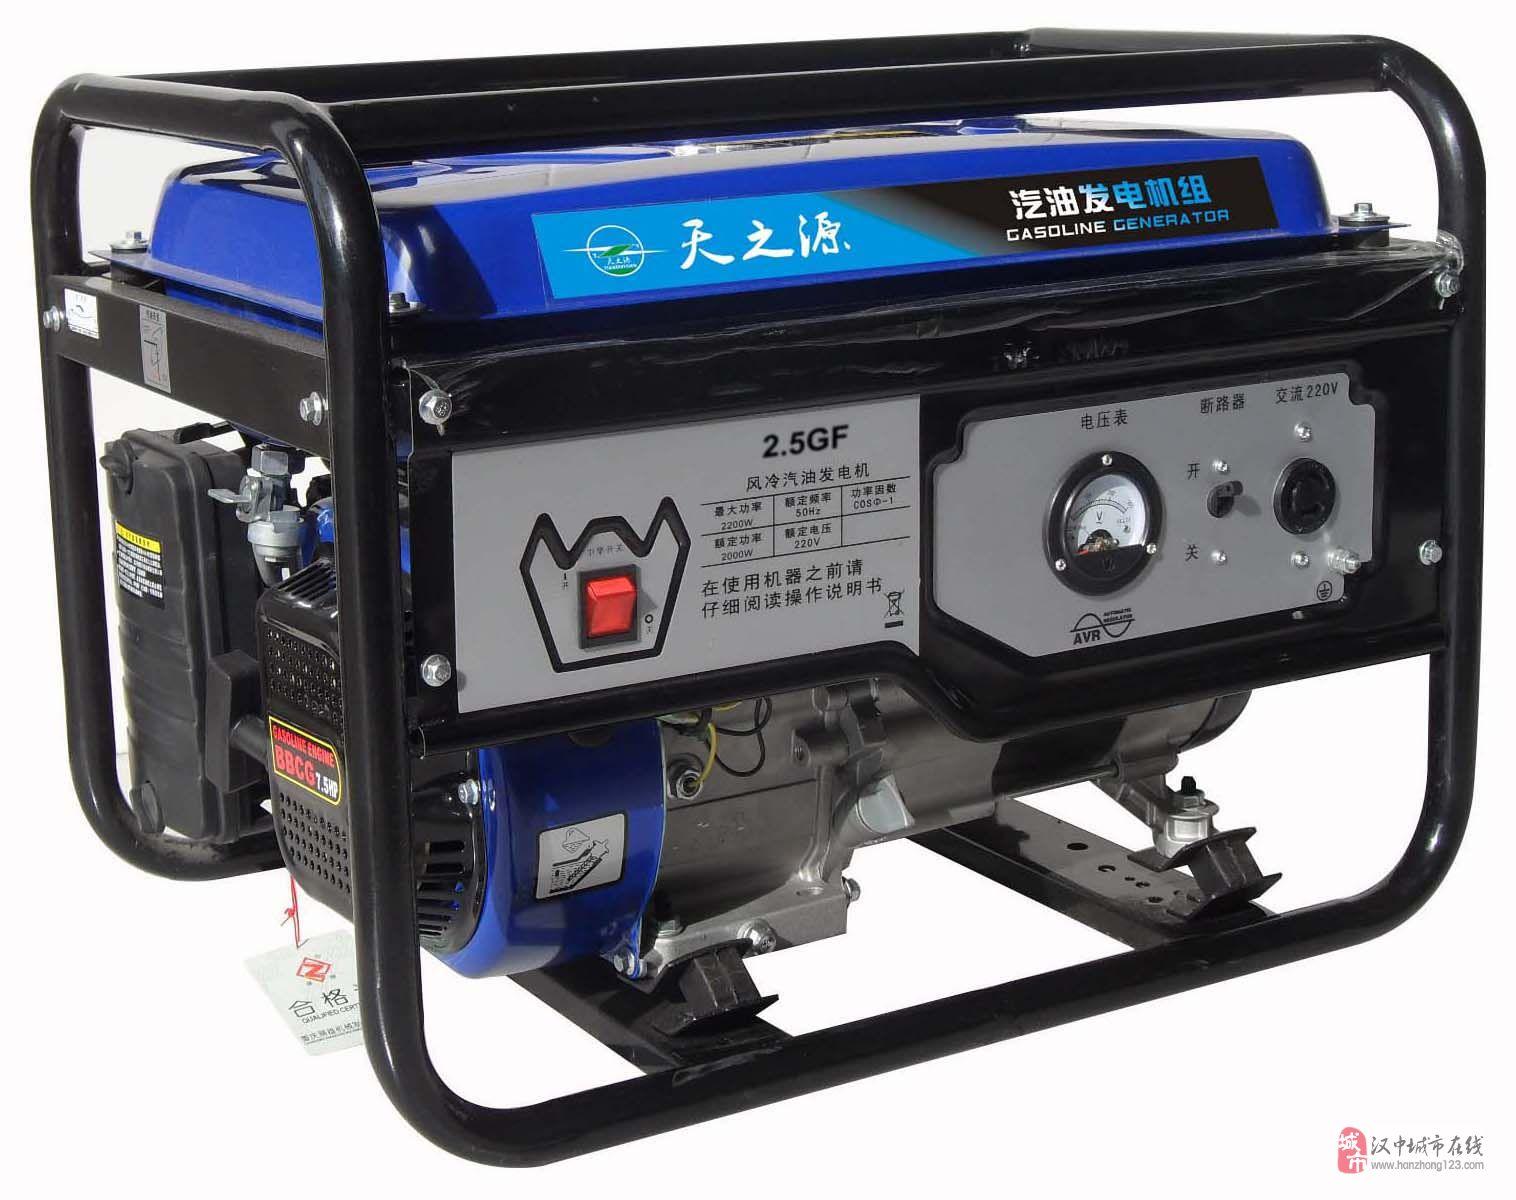 批發銷售2500瓦汽油發電機組,質量可靠,價格從優